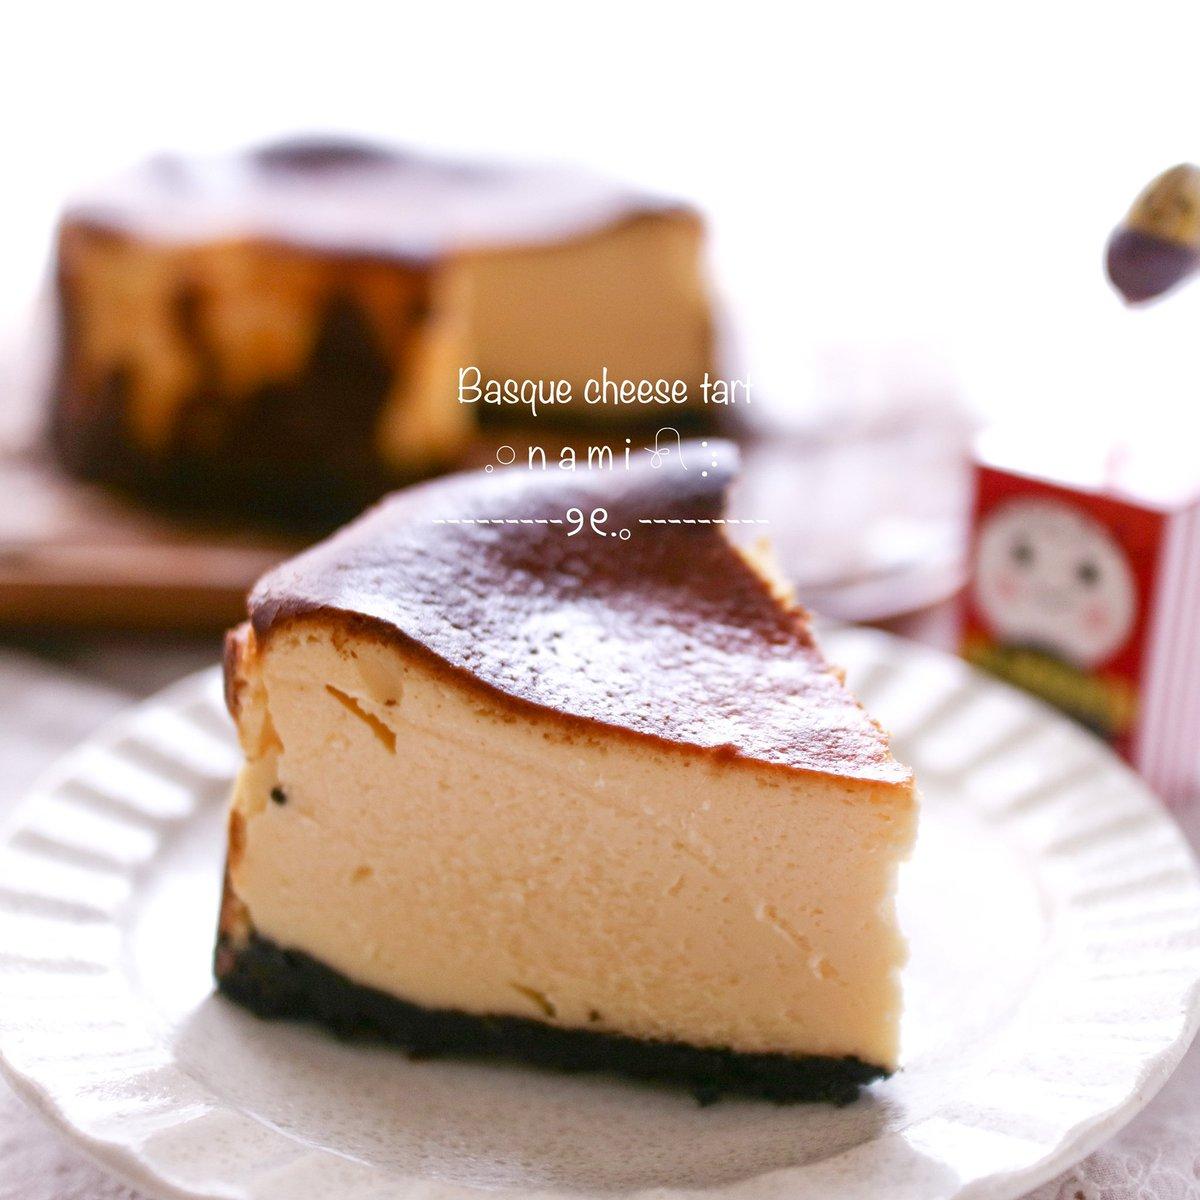 *•.❥バスクチーズタルト。かほちゃんのレシピ𖤘 ⠱ボトムはオレオ⌾ ᐝチーズ生地は滑らかでクリーミー(*´◒`*)♡また作らせてもらうね✨美味しいから皆にも作ってもらいたい🥰#お菓子作り好きな人と繋がりたい #お菓子作り #バスクチーズケーキ